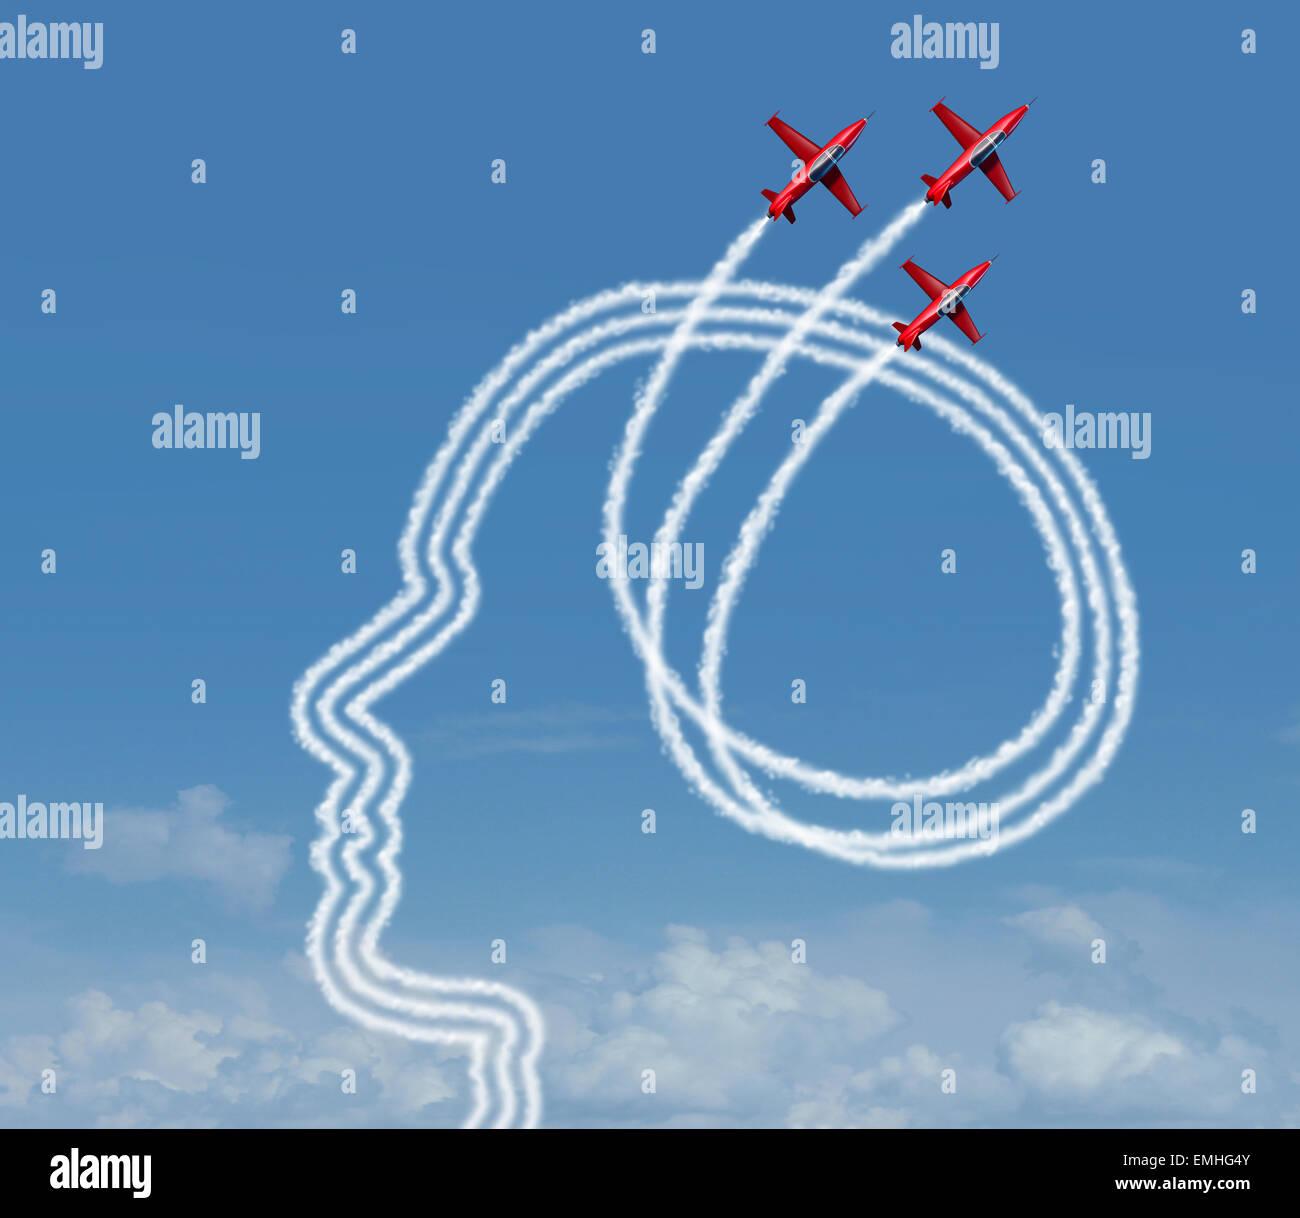 Persönlicher Erfolg und Karriere streben Konzept als eine Gruppe von akrobatische Flugzeuge, die Durchführung Stockbild